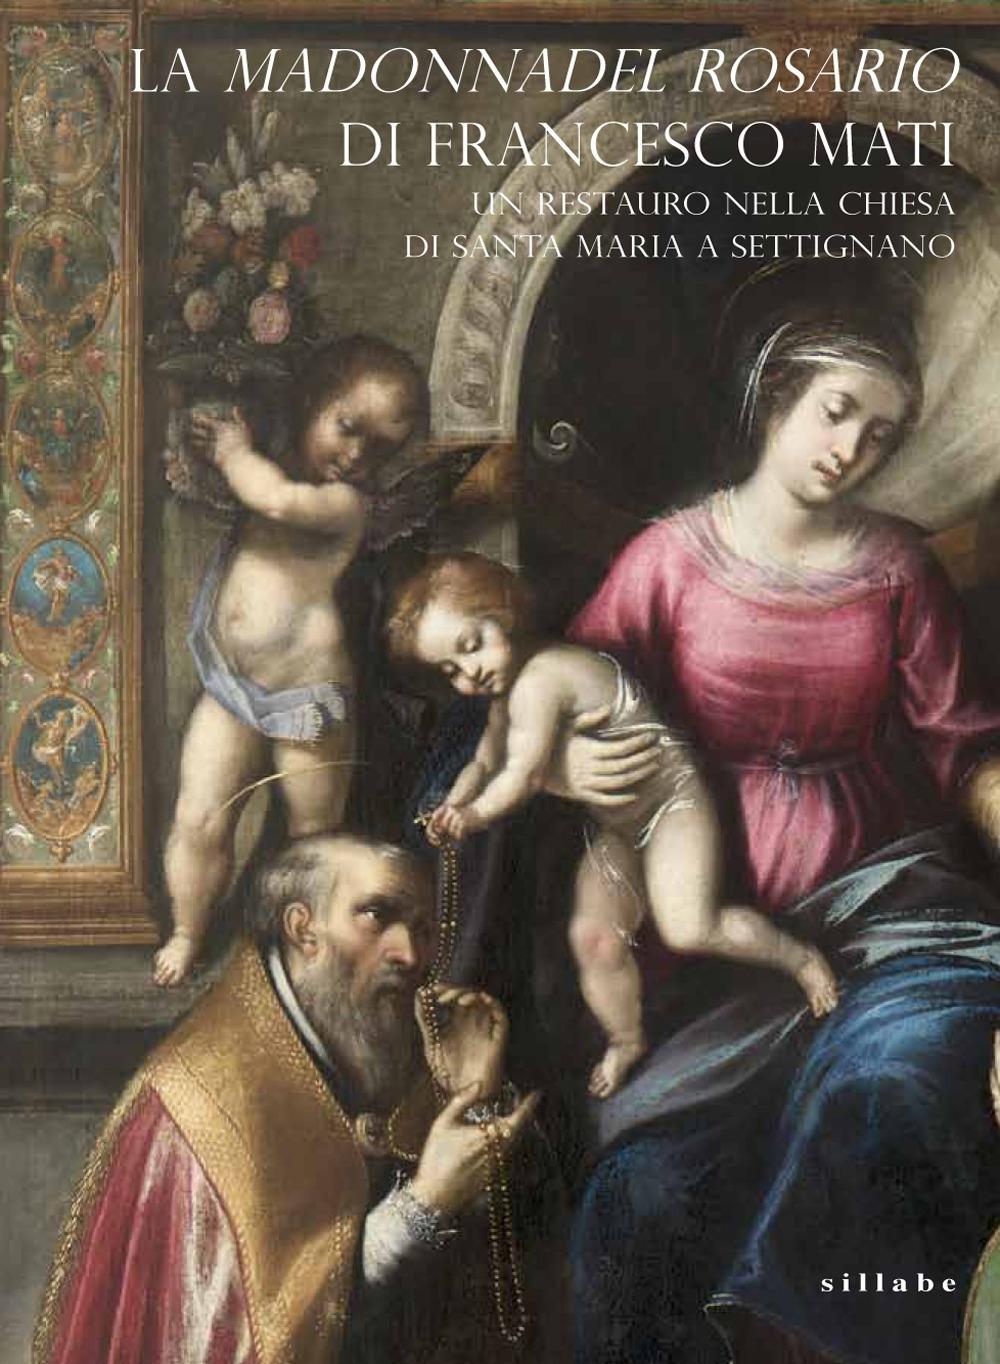 La Madonna del Rosario di Francesco Mati. Un restauro nella chiesa di Santa Maria a Settignano